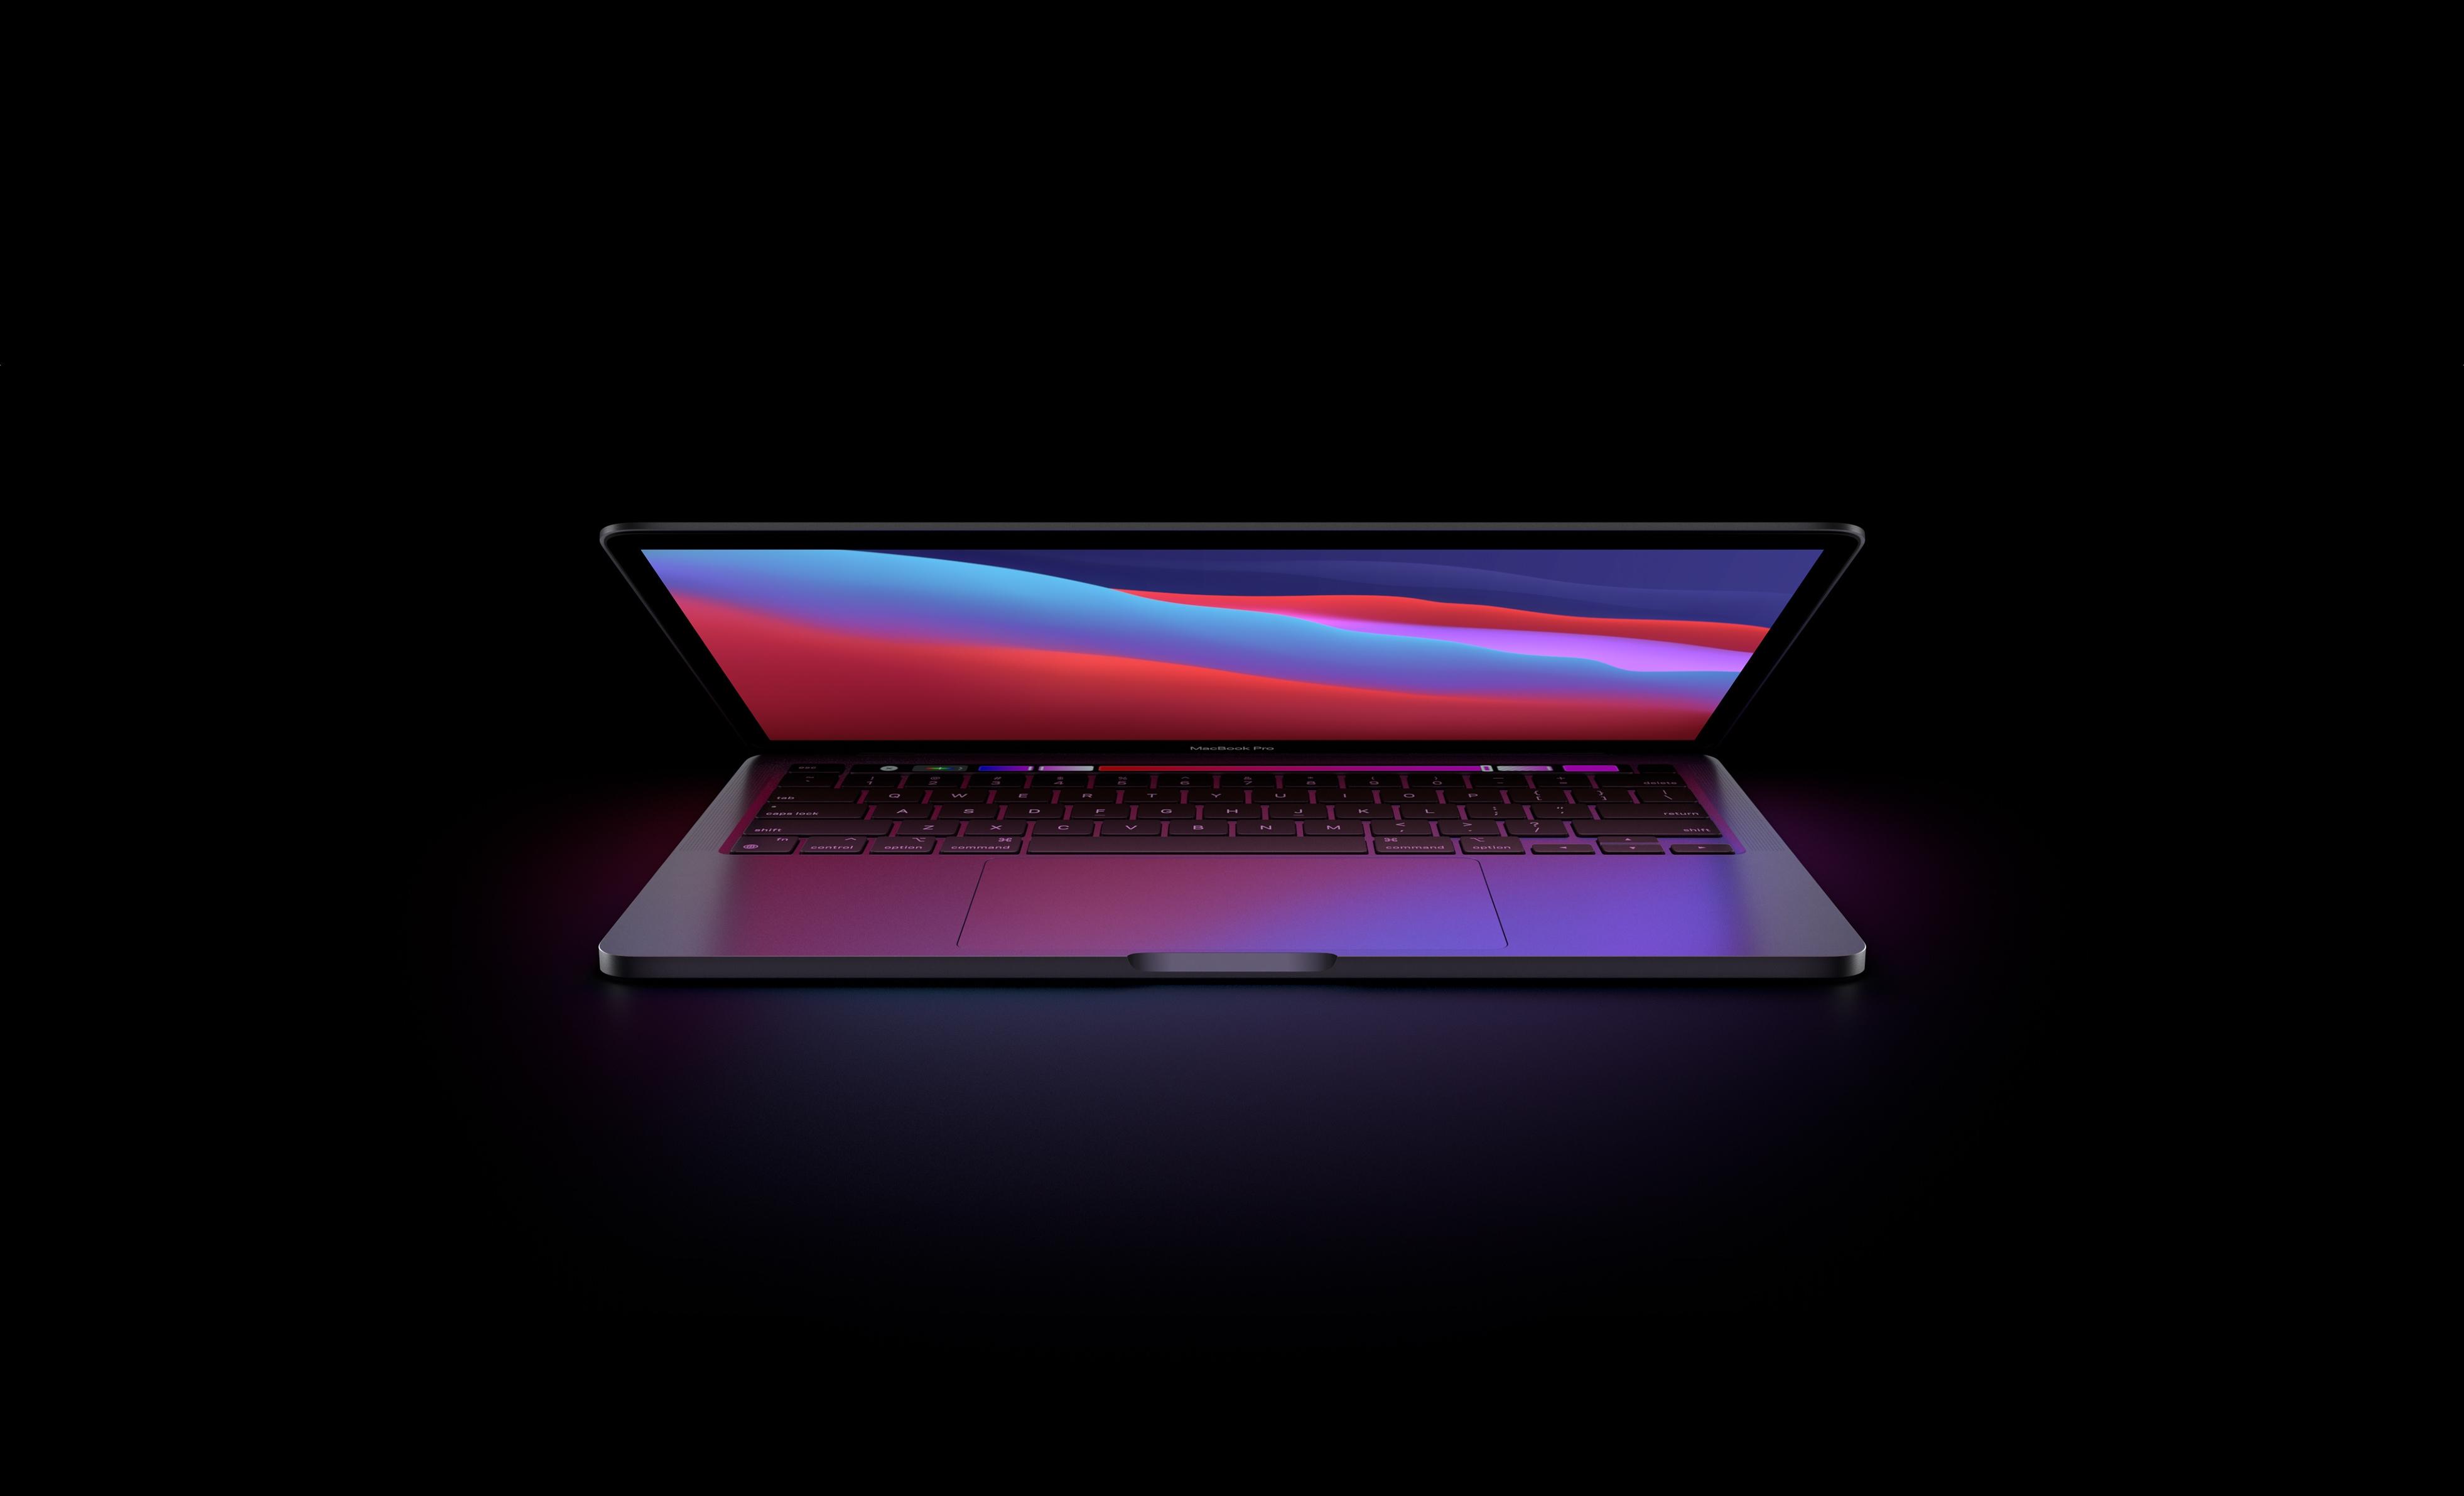 Неожиданно: Apple начала продавать восстановленные MacBook Pro на чипе M1 с ценником от $1099